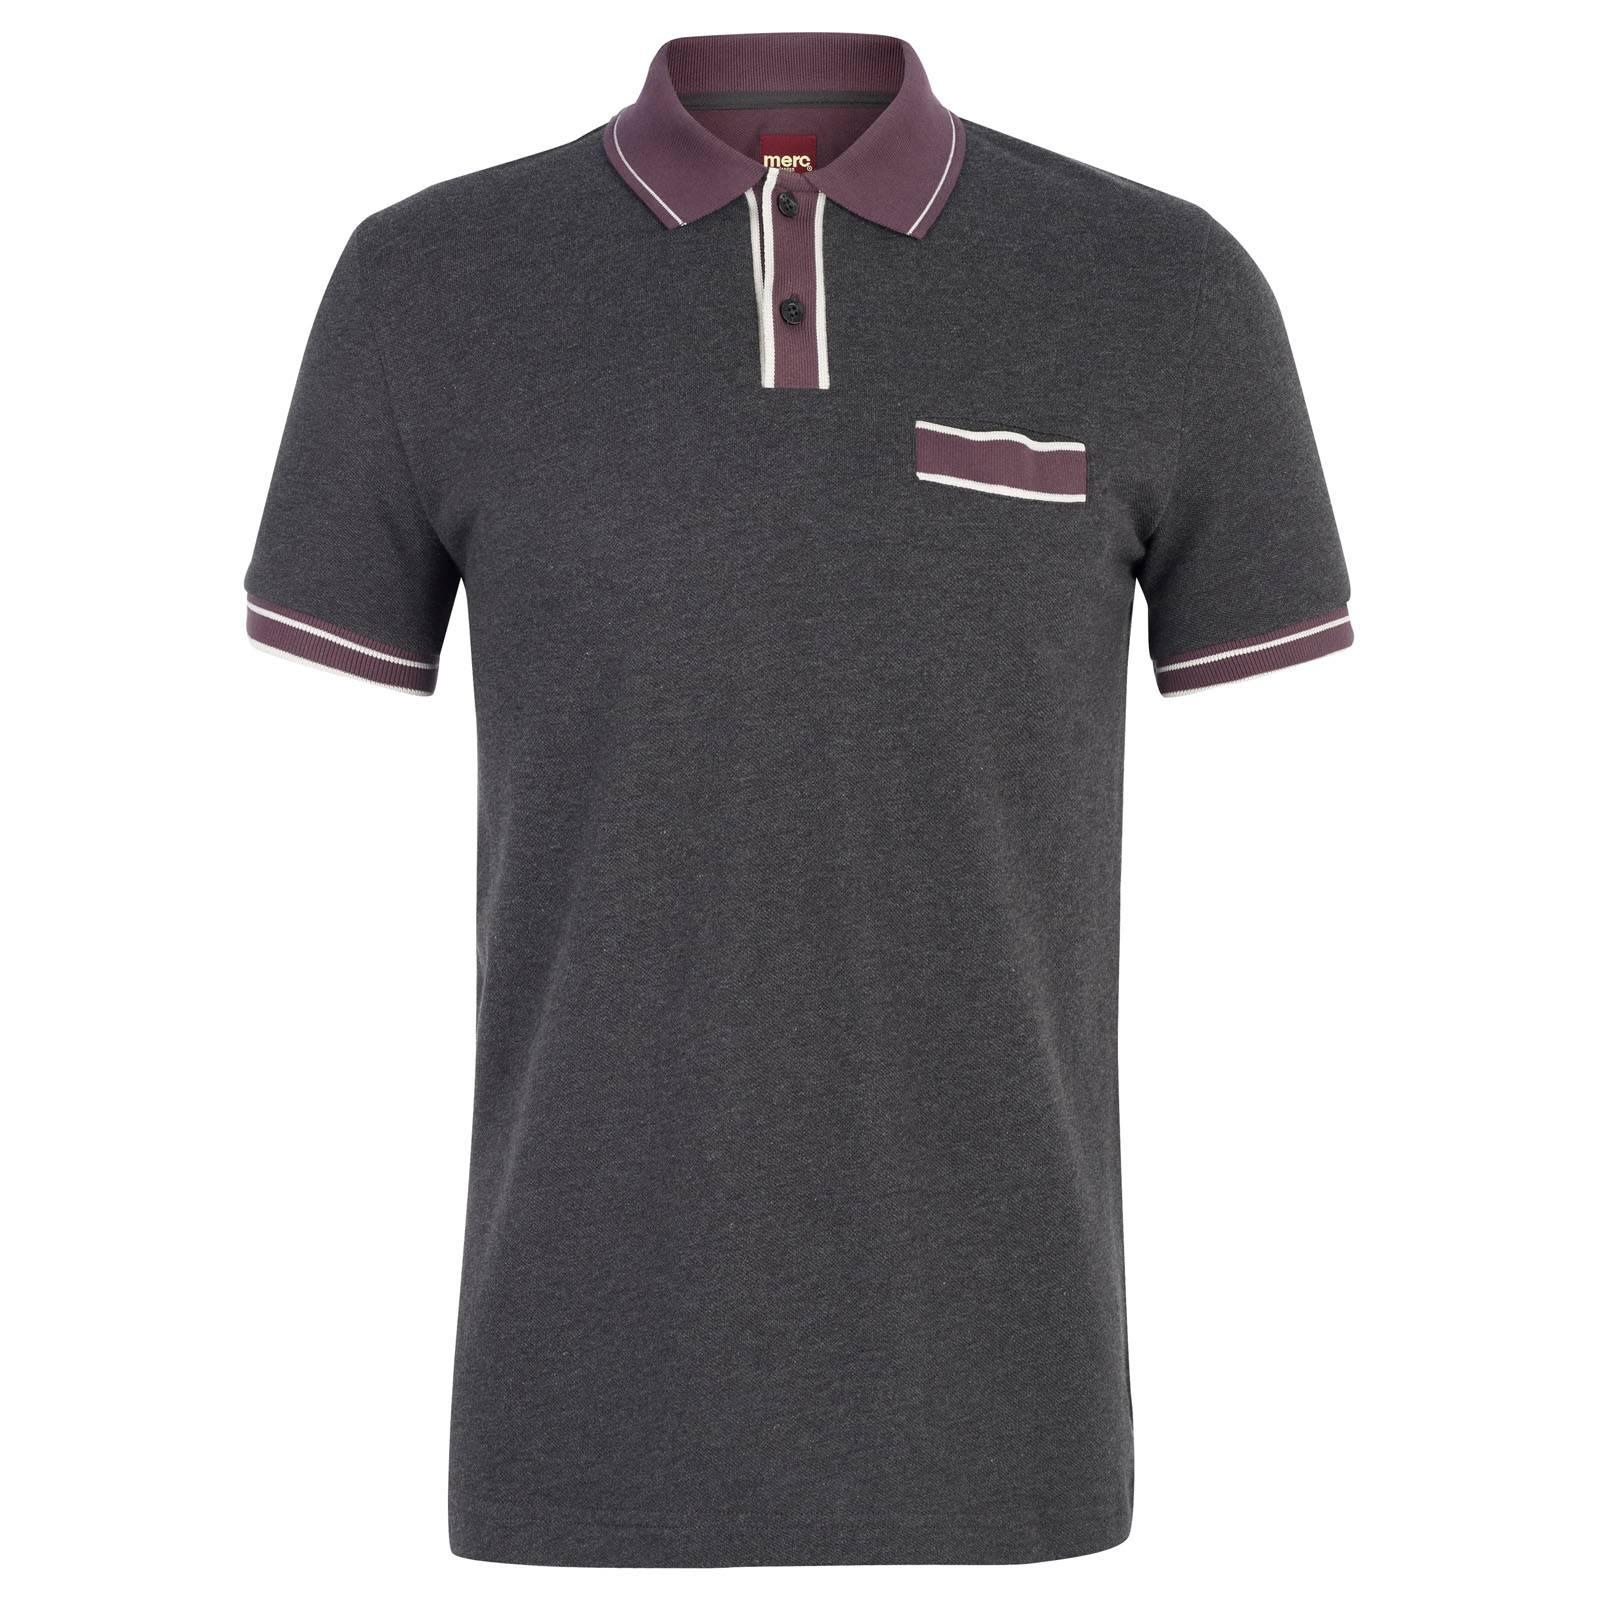 Рубашка Поло NickelПоло под заказ<br><br><br>Артикул: 1913201<br>Материал: 100% хлопок<br>Цвет: мокрого асфальта<br>Пол: Мужской